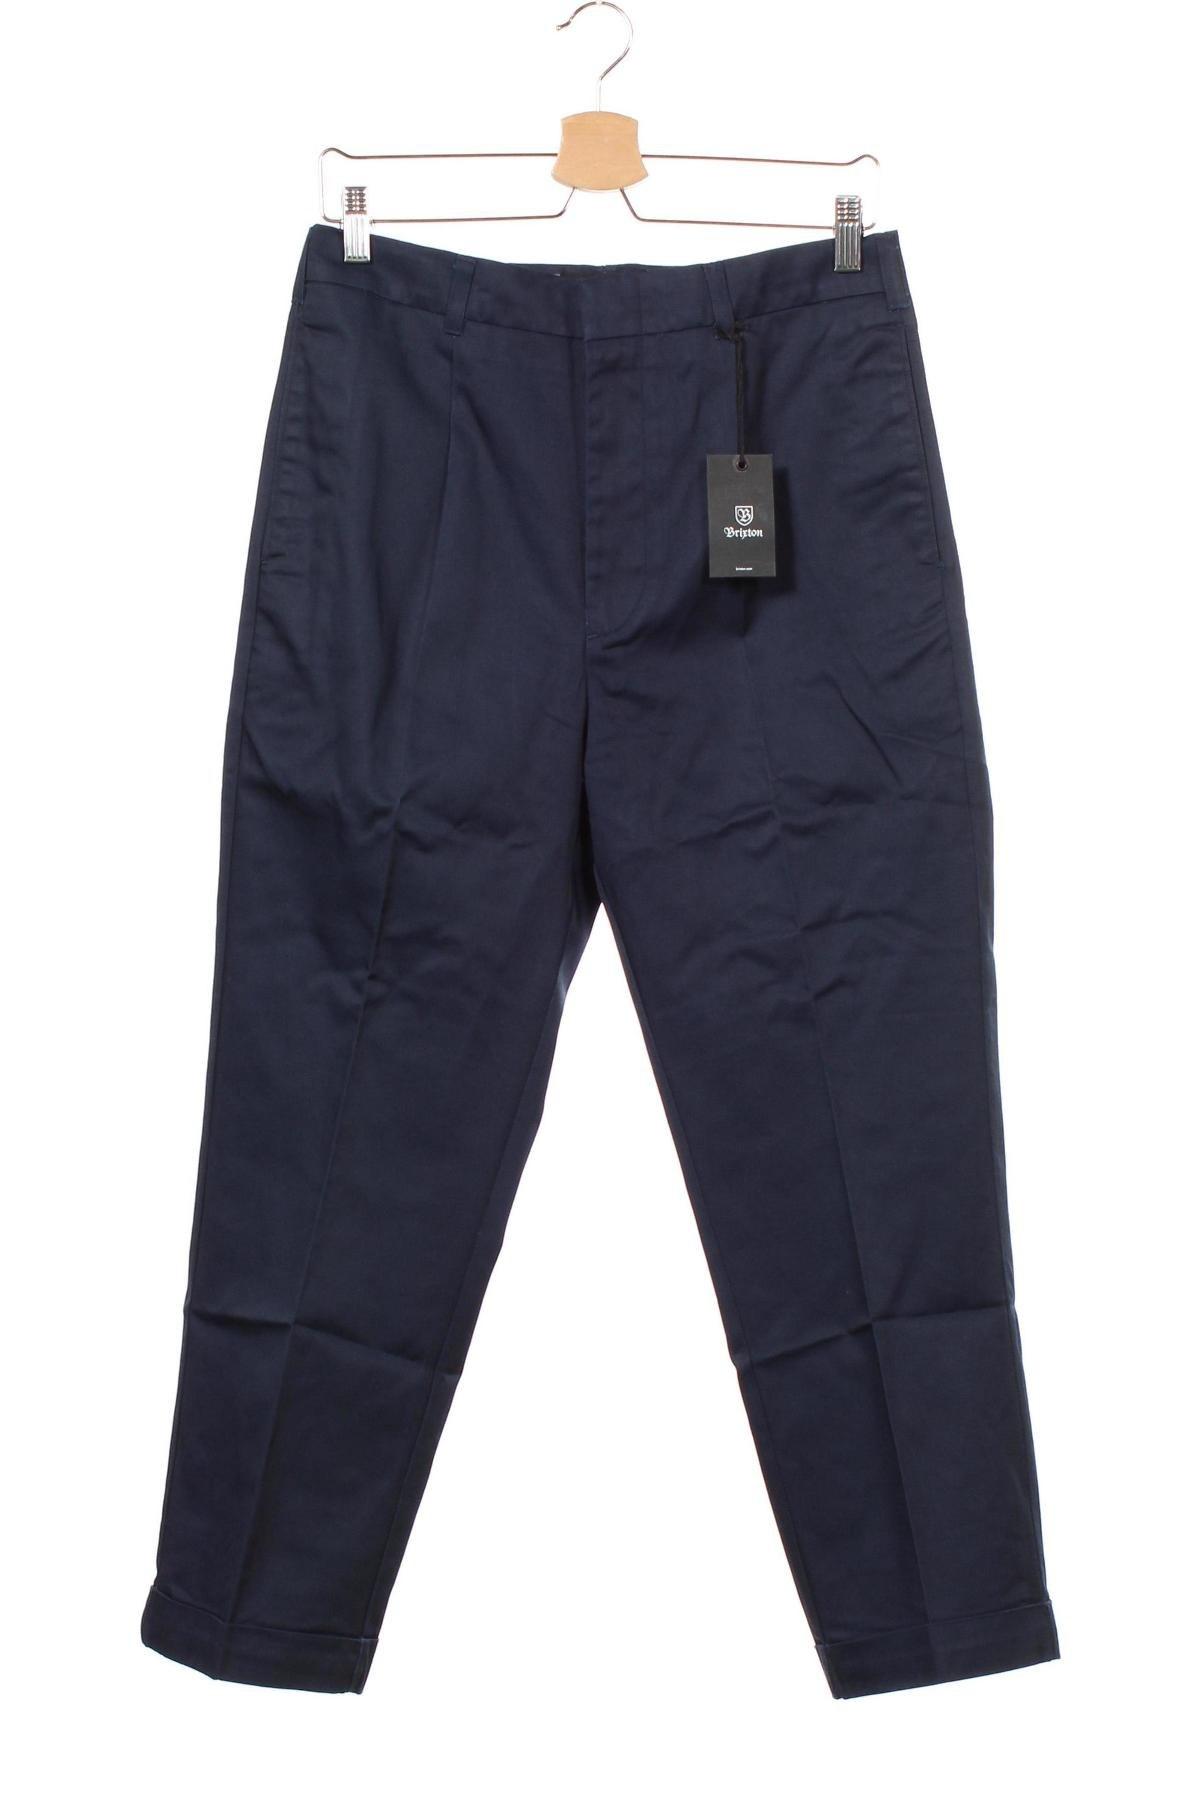 Мъжки панталон Brixton, Размер M, Цвят Син, 65% полиестер, 35% памук, Цена 23,46лв.